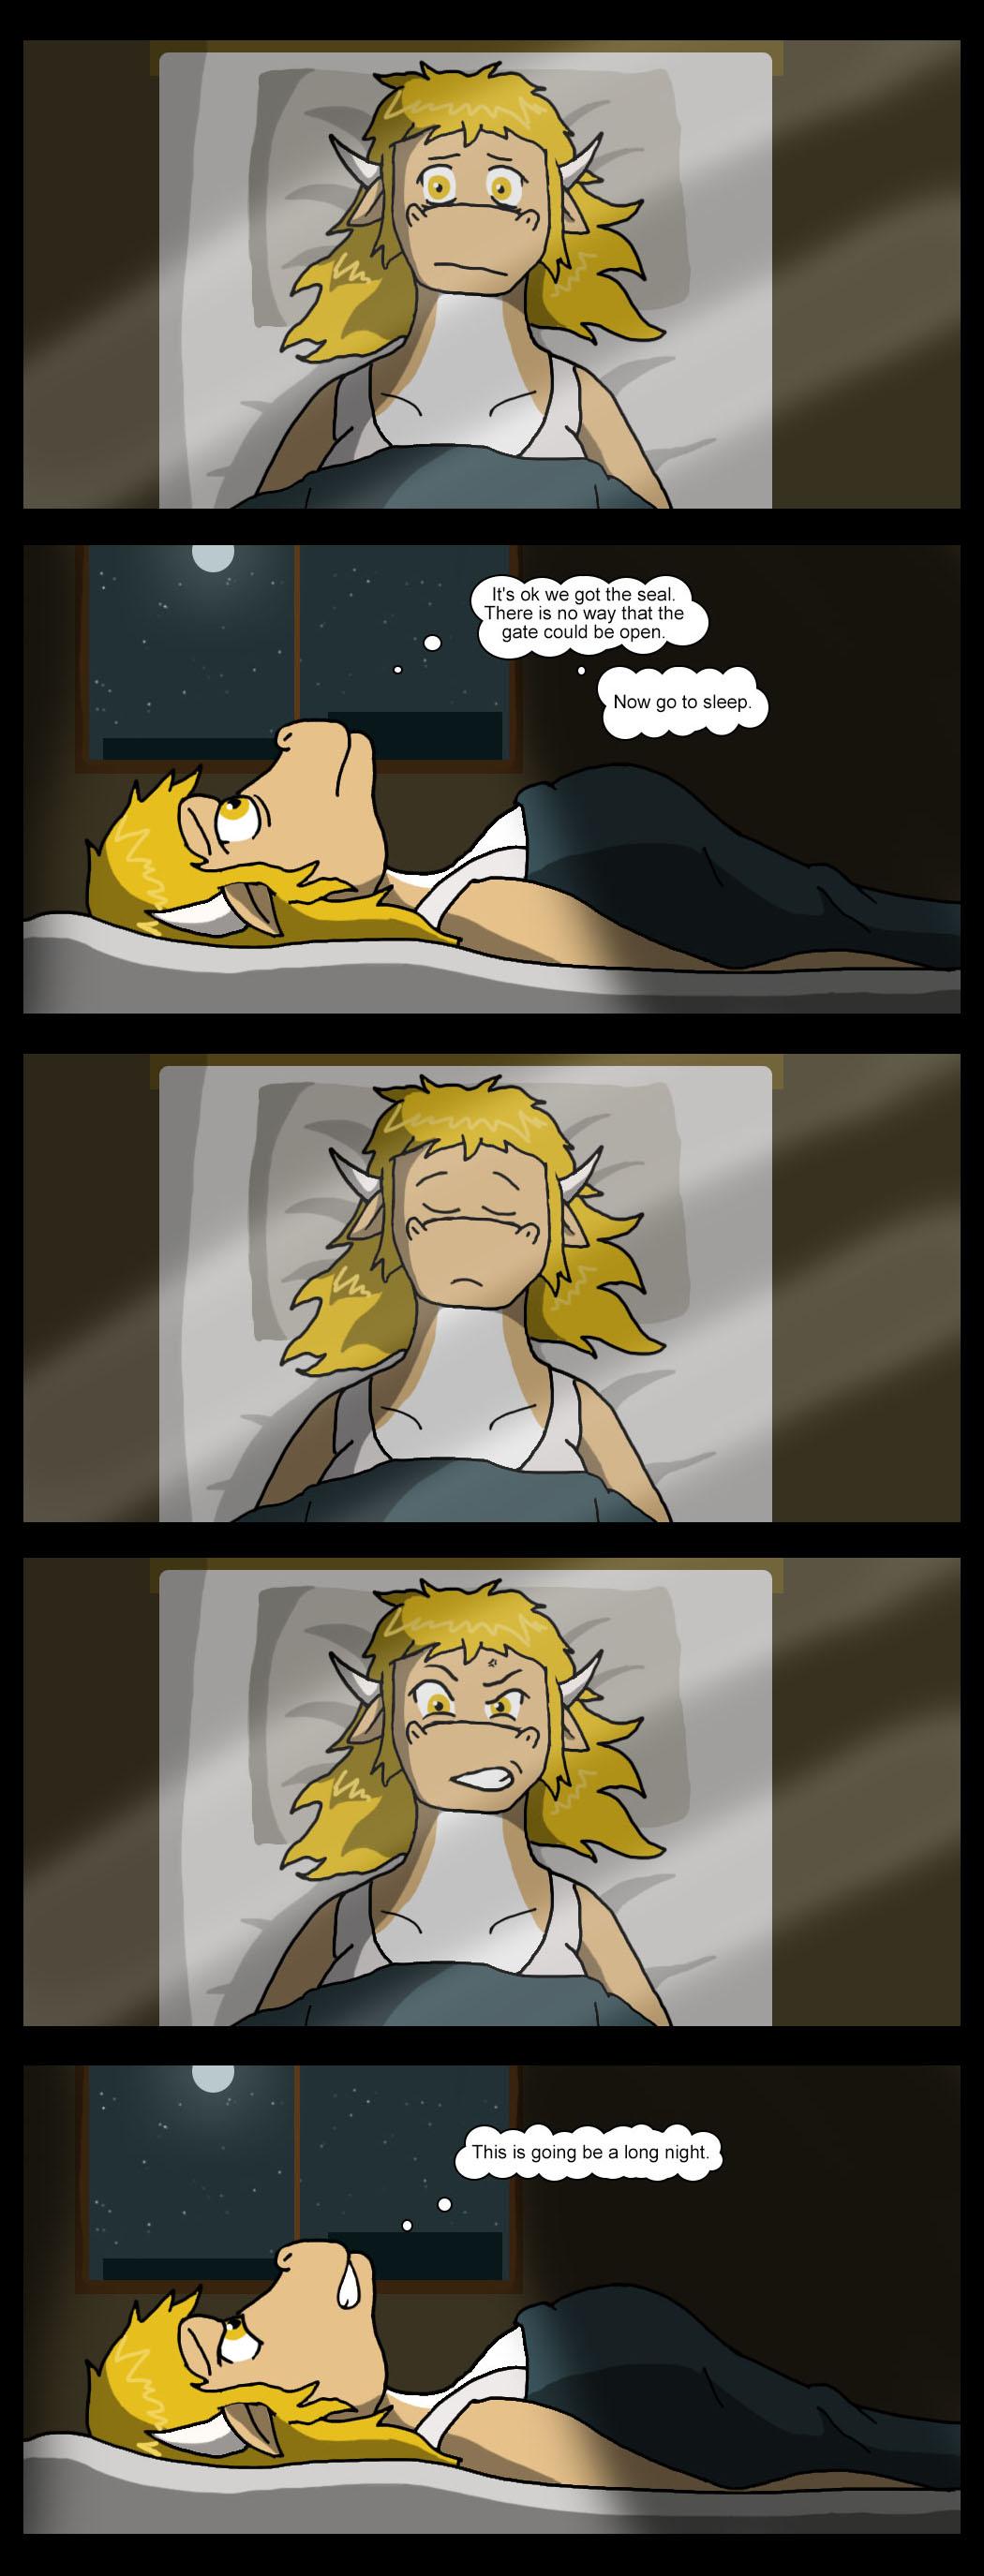 Who needs sleep